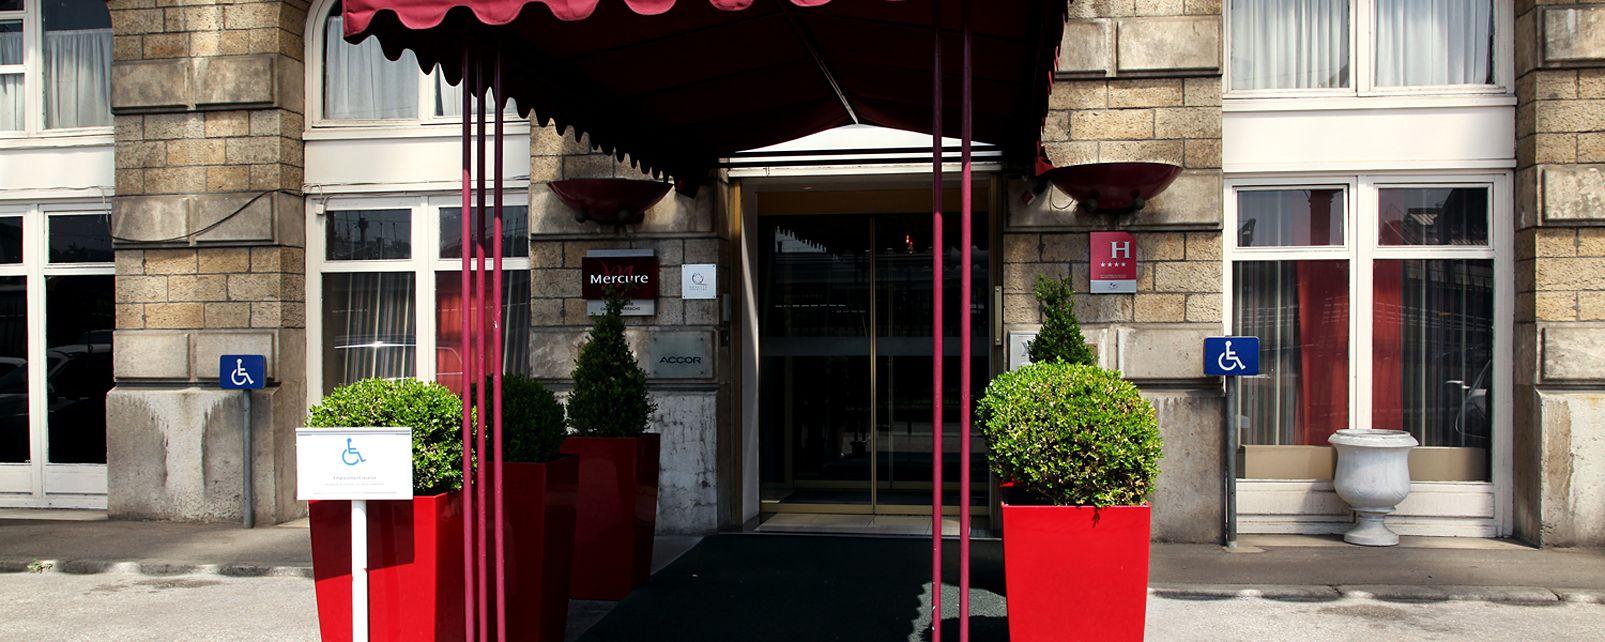 Hôtel Mercure Chateau Perrache